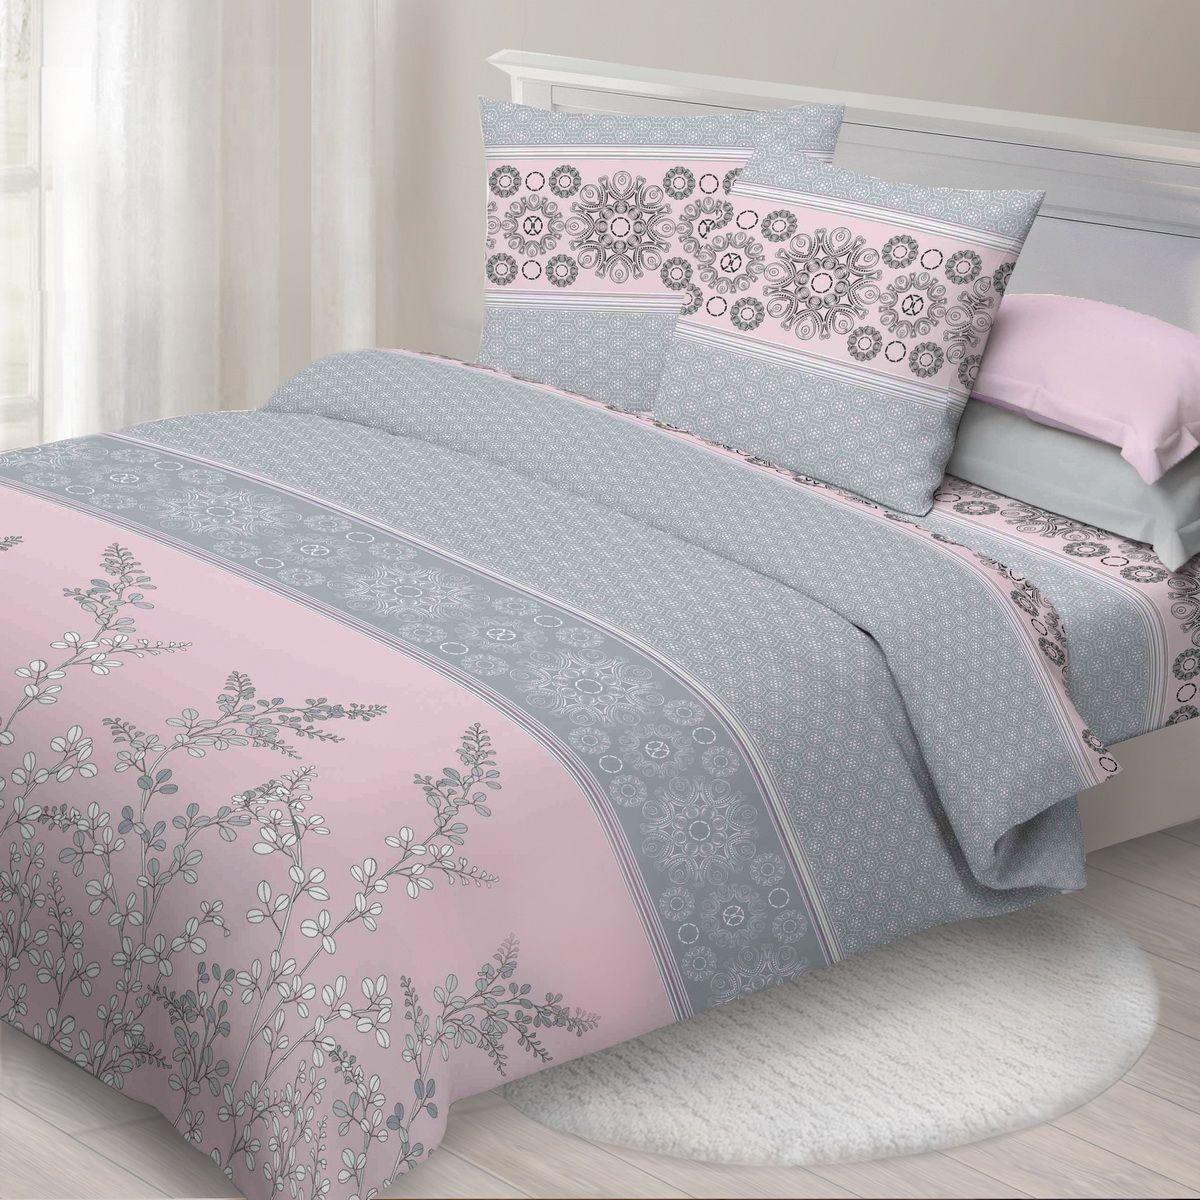 Комплект белья Спал Спалыч Соло, 1,5-спальный, наволочки 70х70 комплекты белья linse комплект белья